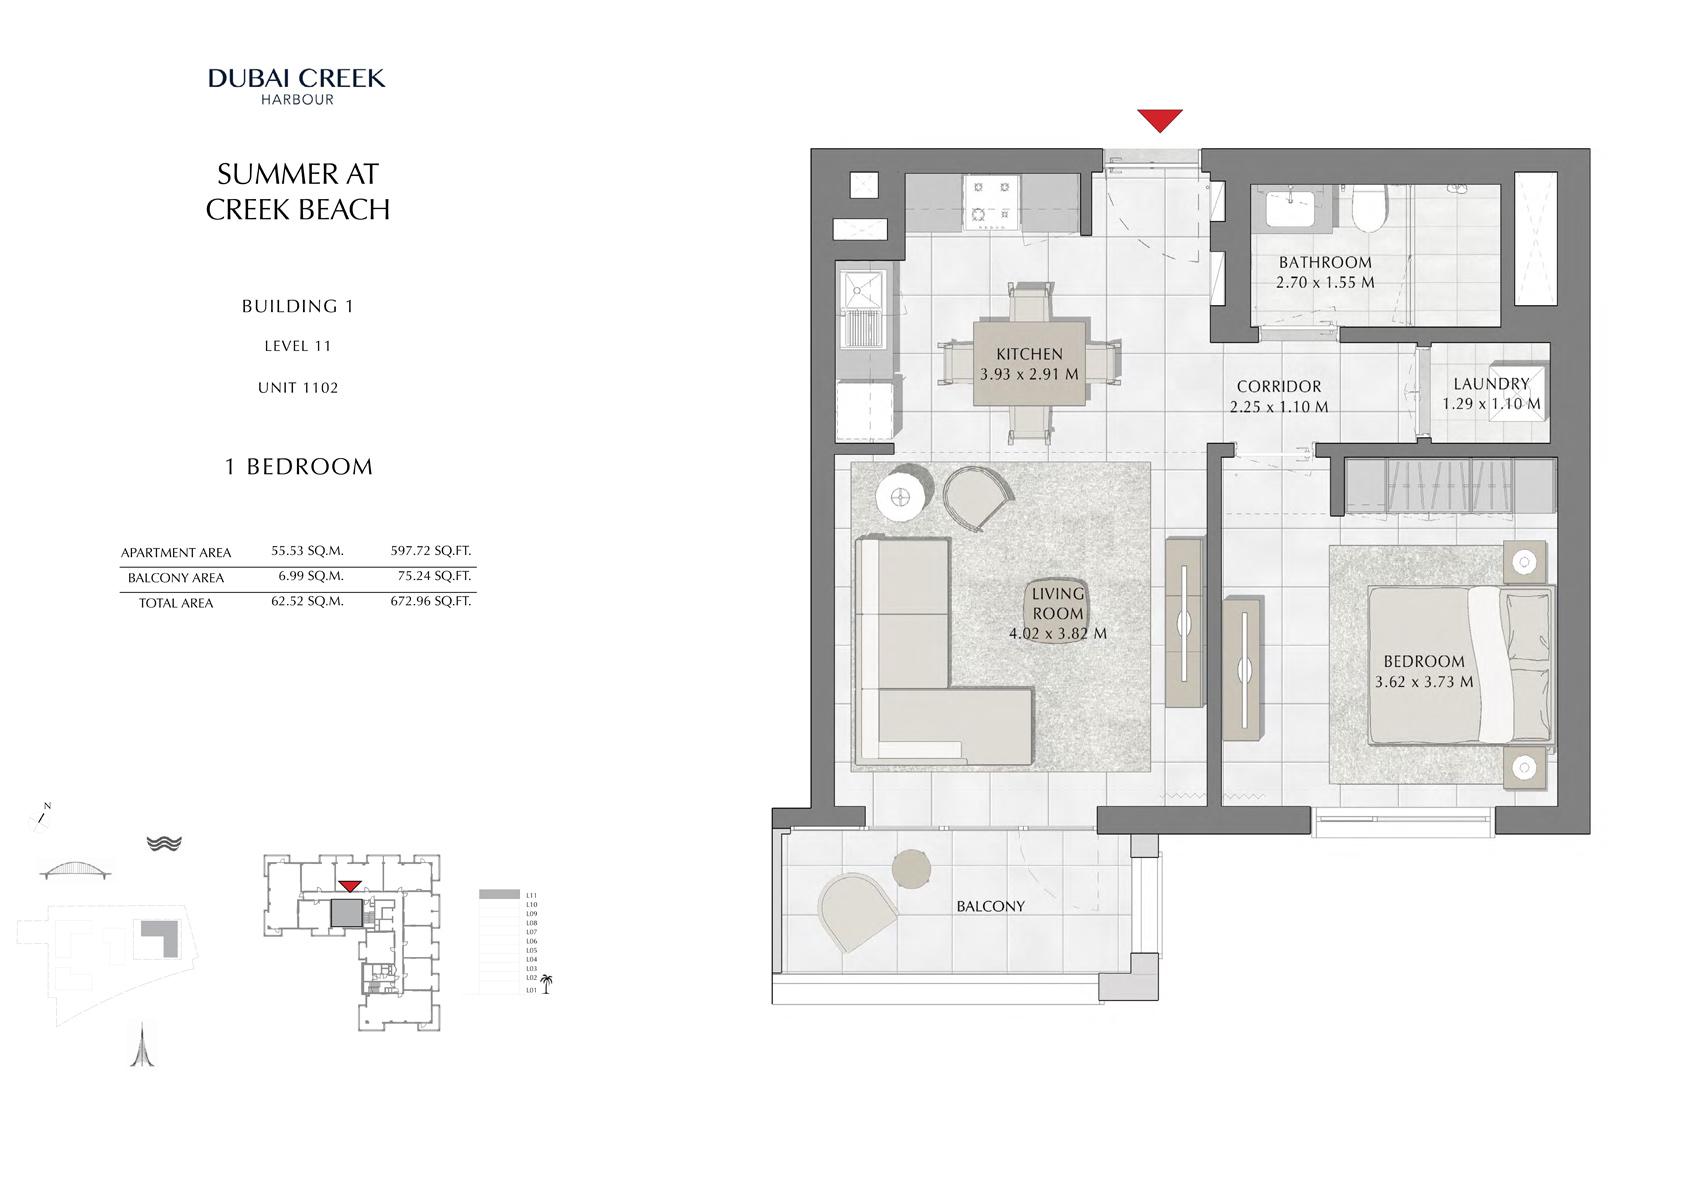 1 Br Building 1 Level 11 Unit 1102, Size 672 Sq Ft